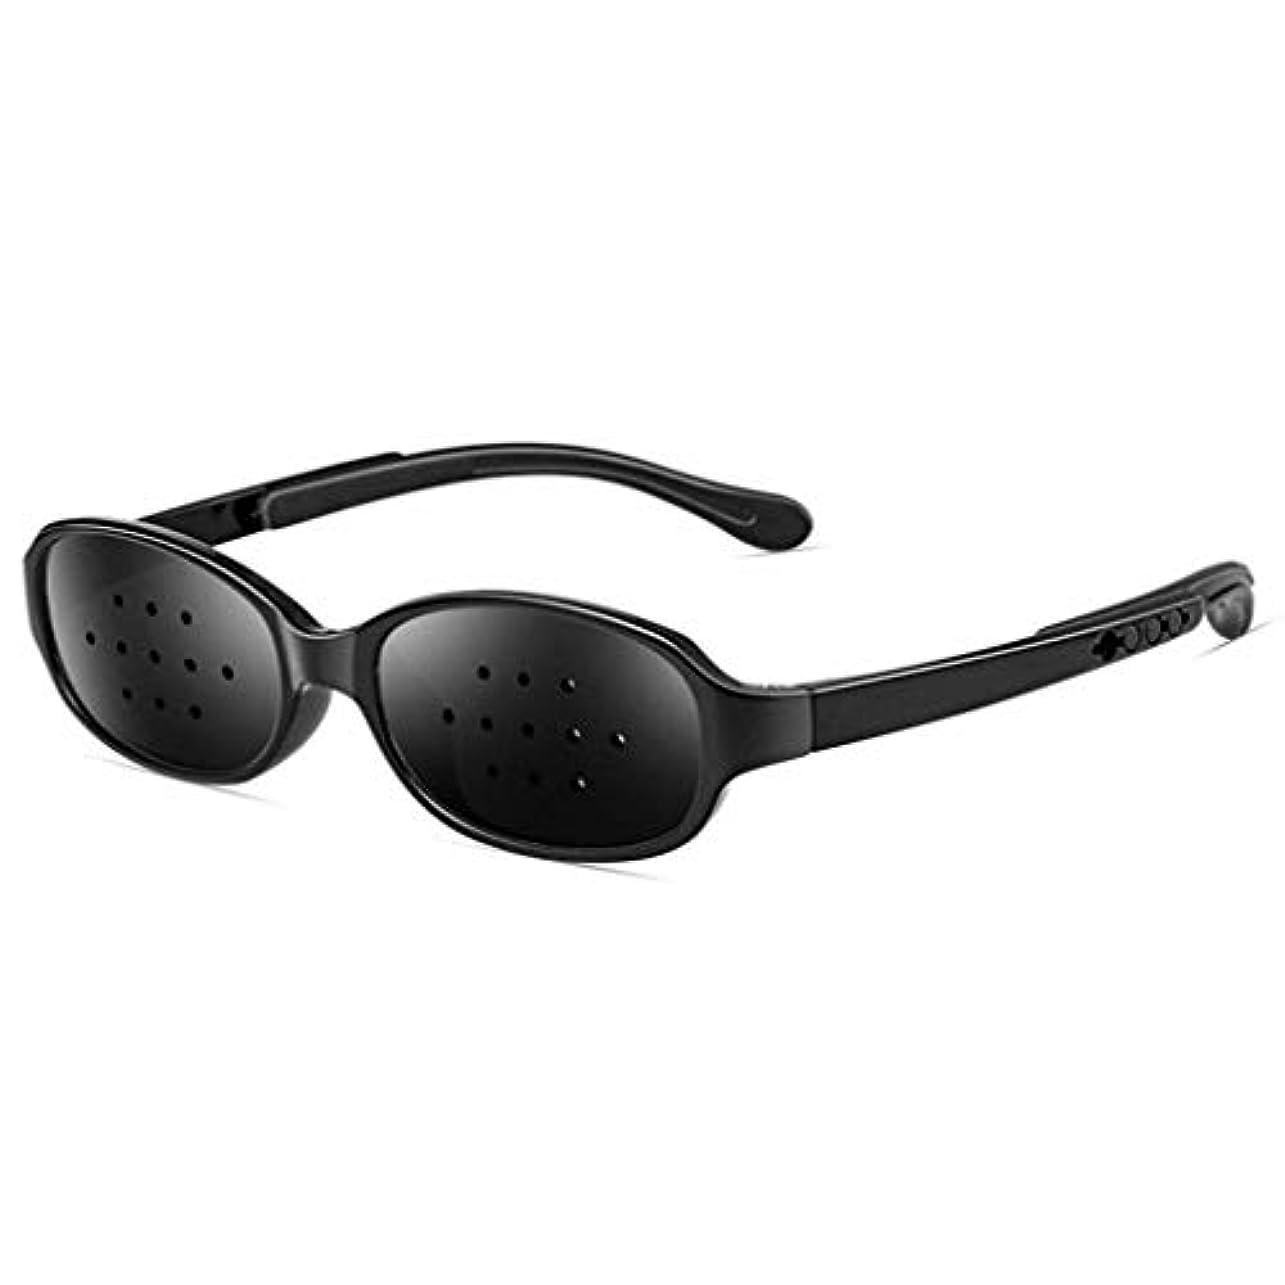 トレイル参照するモトリーピンホールメガネ、視力矯正メガネ網状視力保護メガネ耐疲労性メガネ近視の防止メガネの改善 (Color : 黒)